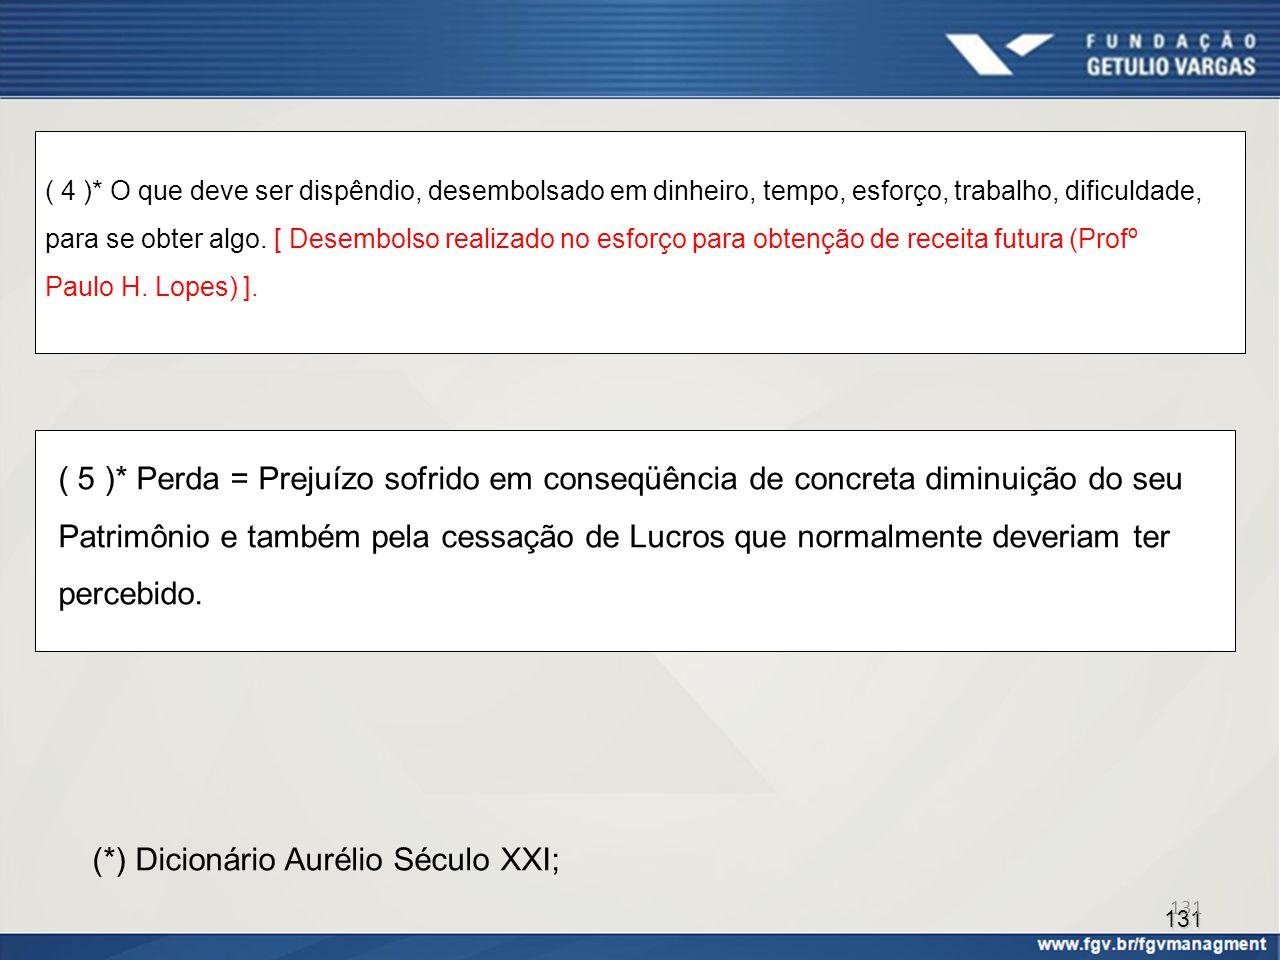 (*) Dicionário Aurélio Século XXI;